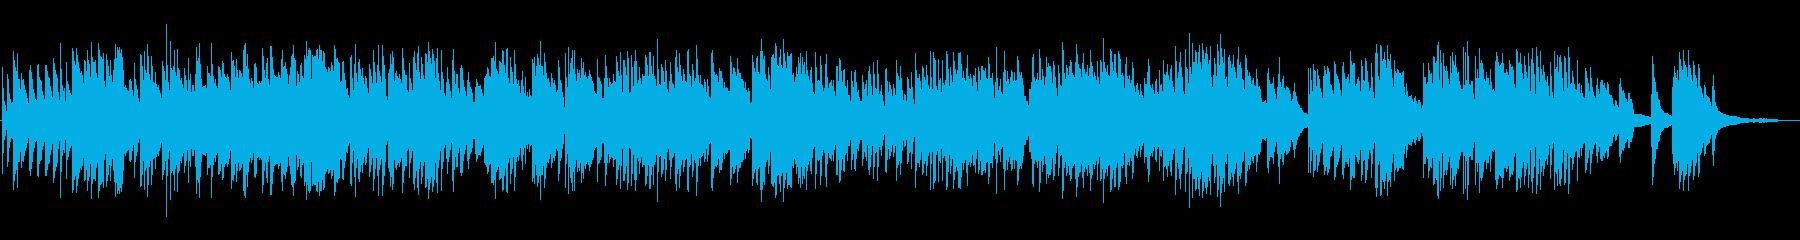 回想・過去を想うようなイメージのピアノの再生済みの波形